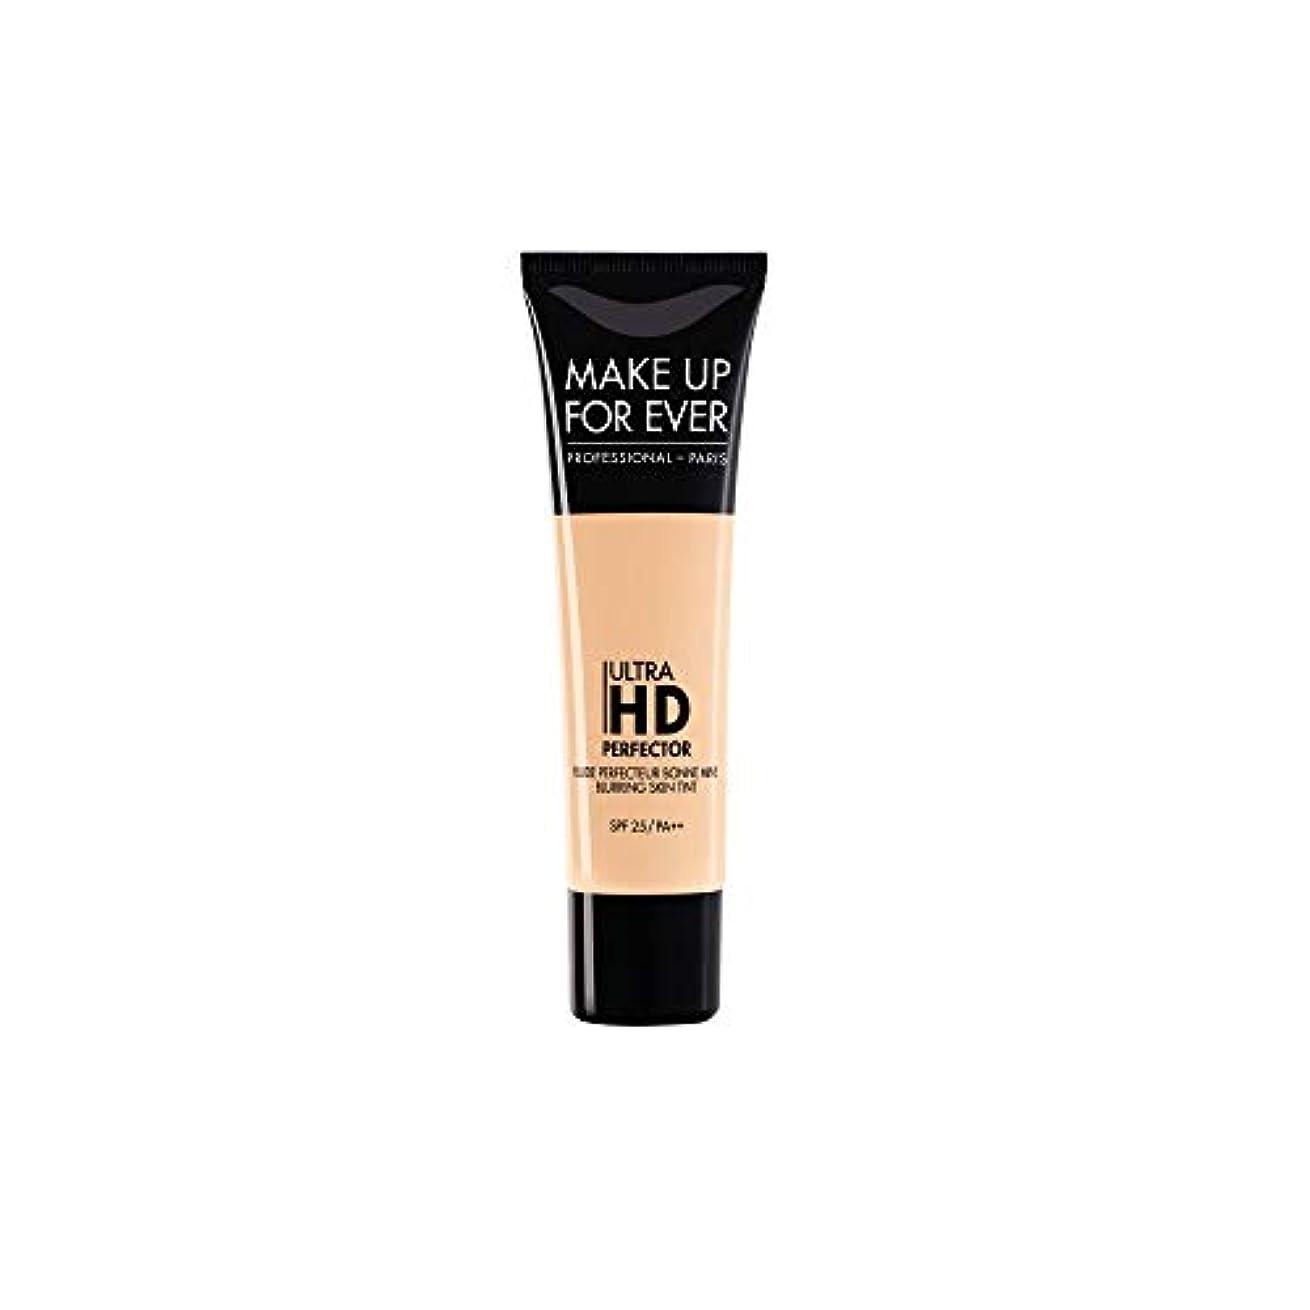 永遠の仮装年金受給者メイクアップフォーエバー Ultra HD Perfector Blurring Skin Tint SPF25 - # 02 Pink Sand 30ml/1.01oz並行輸入品